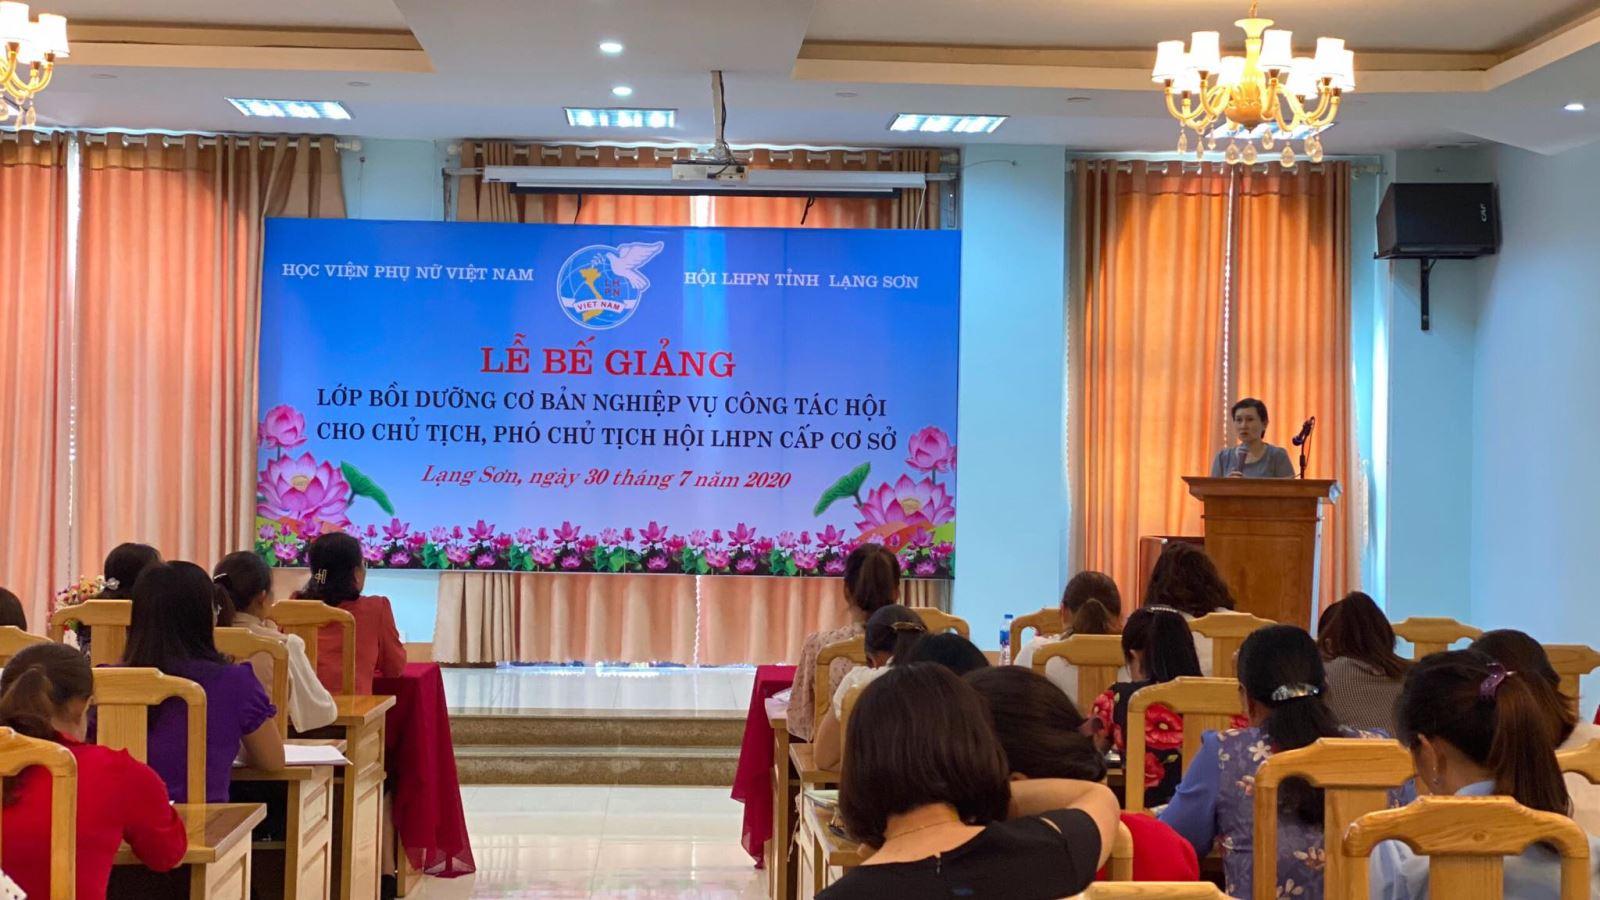 """Bế giảng lớp """"Bồi dưỡng nghiệp vụ công tác Hội"""" tại tỉnh Bắc Giang và Lạng Sơn"""